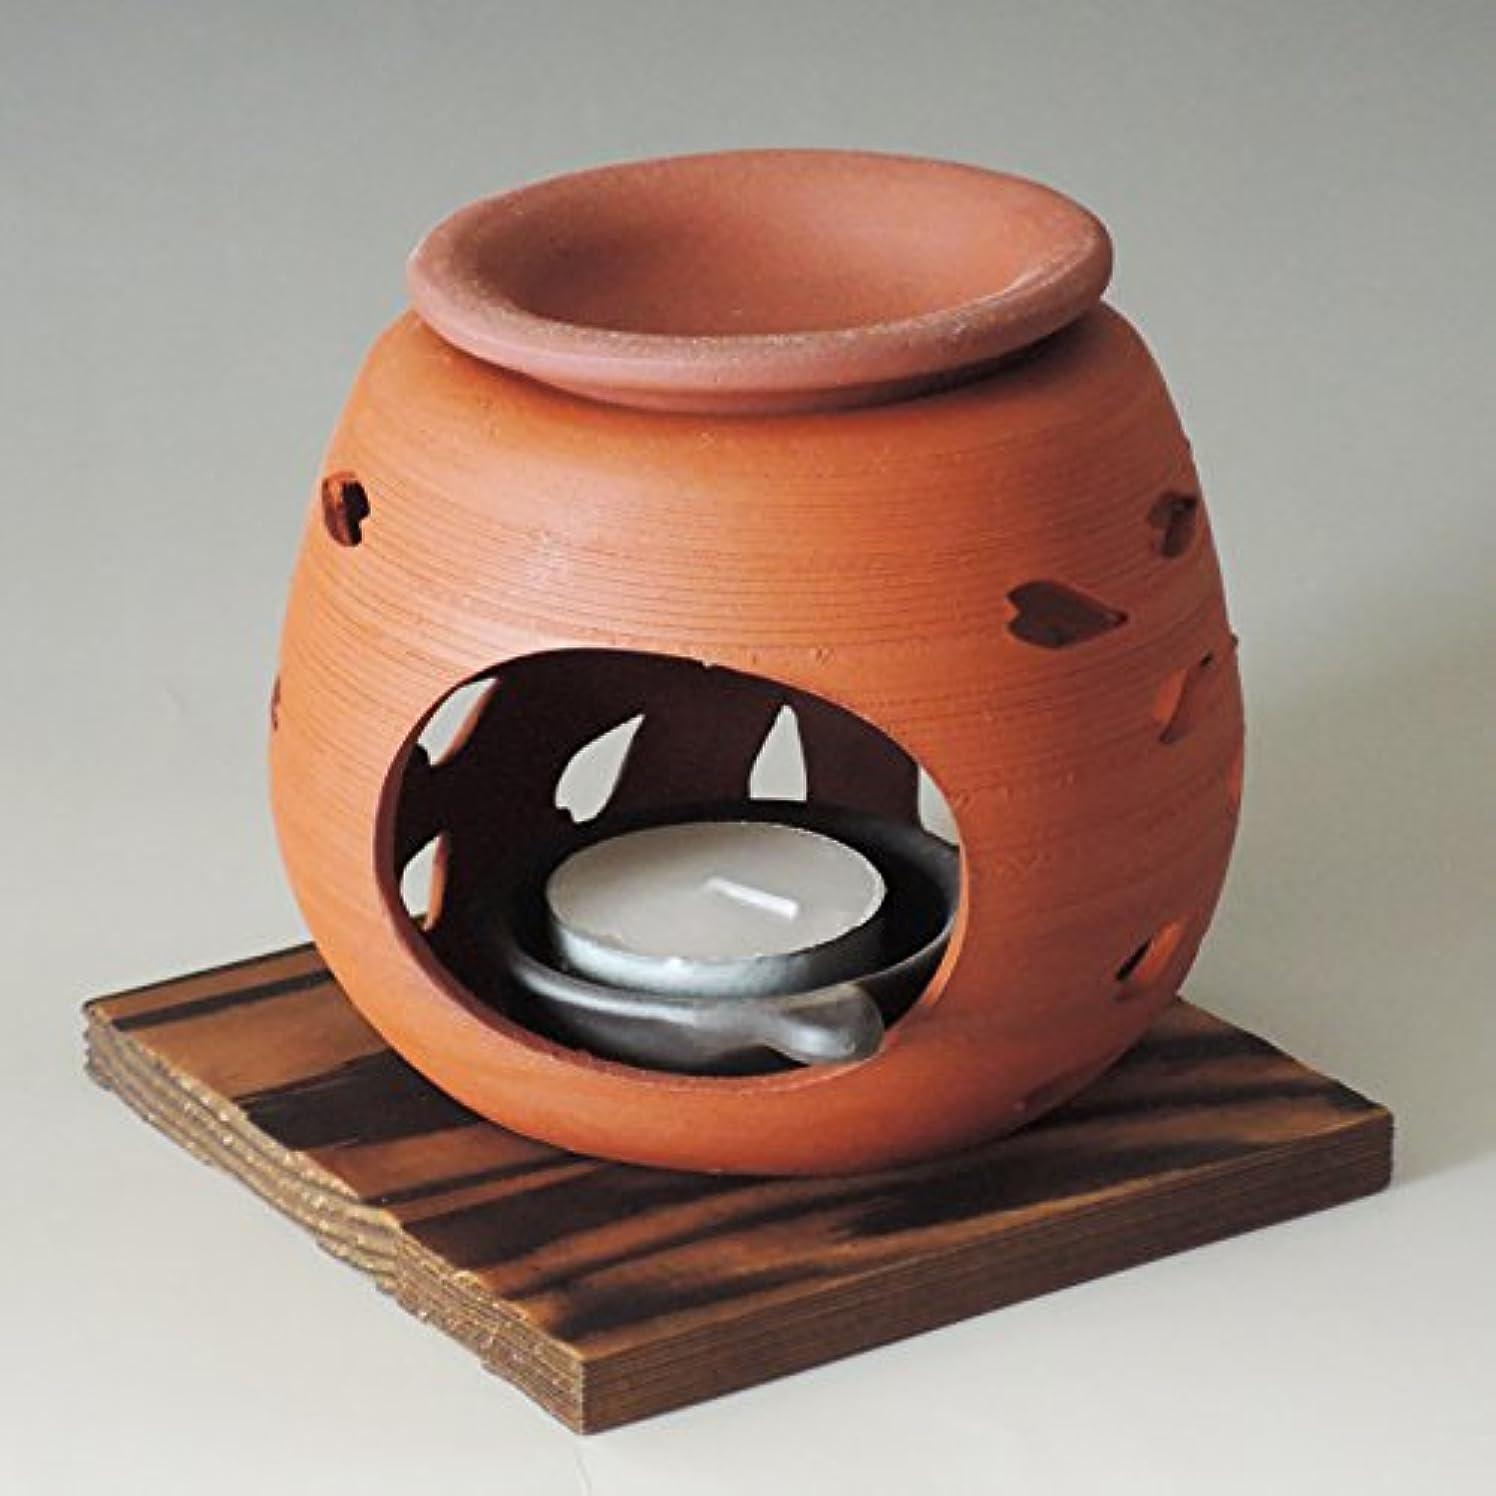 中級同様のびっくり茶香炉 常滑焼 石龍作「花びら」川本屋茶舗